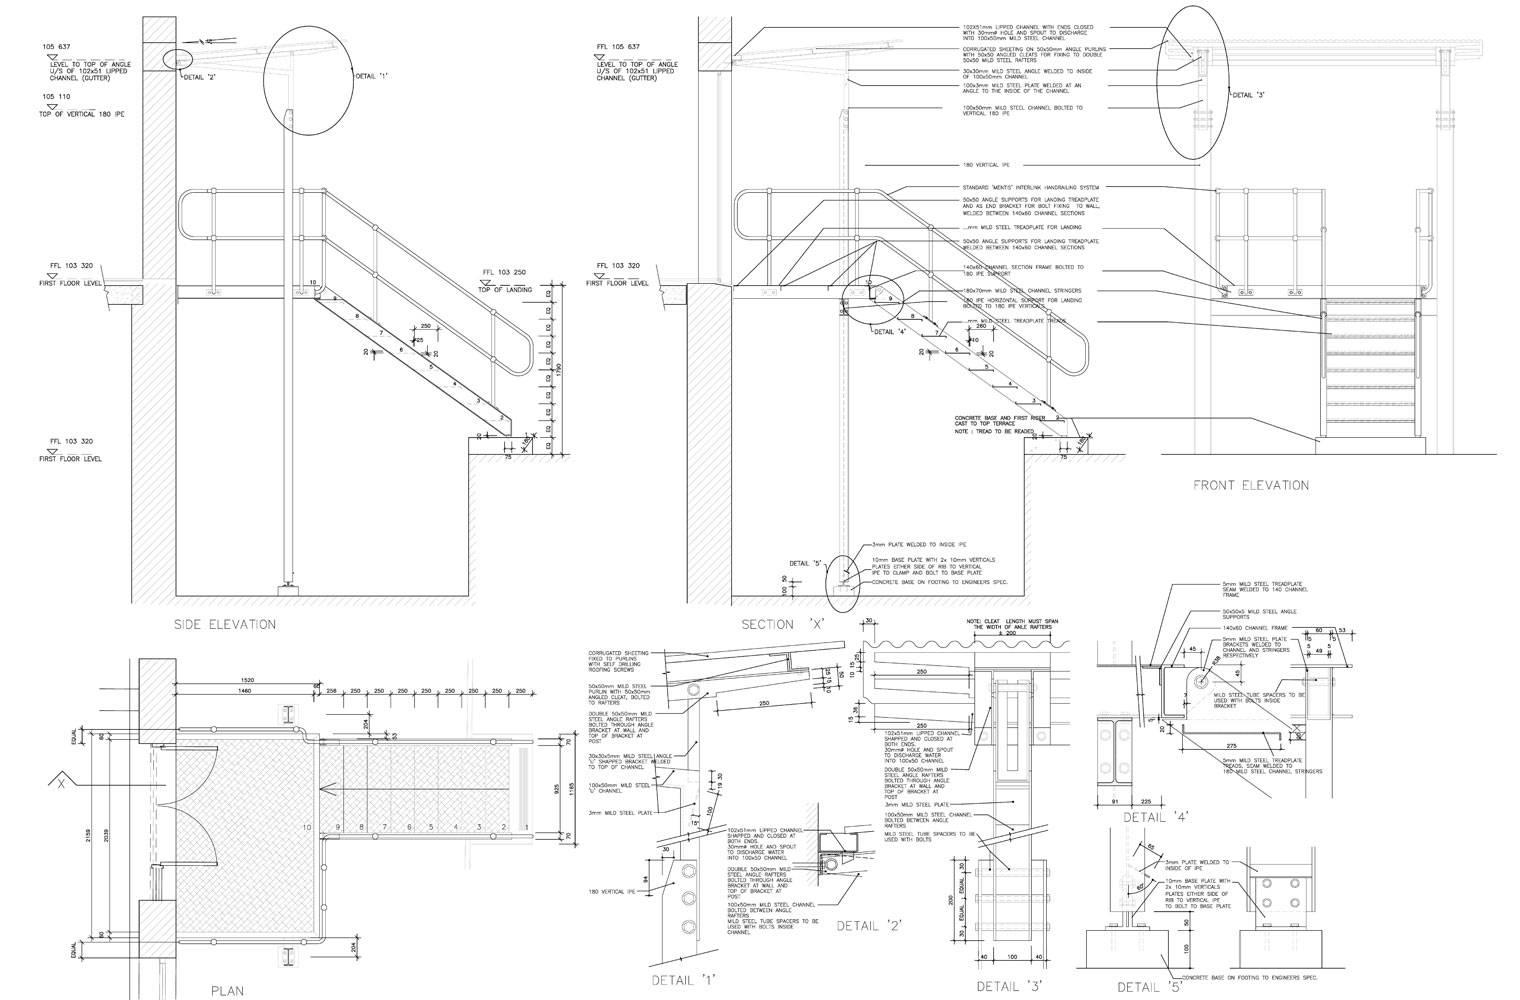 5 Roodehek Street - Steel Details